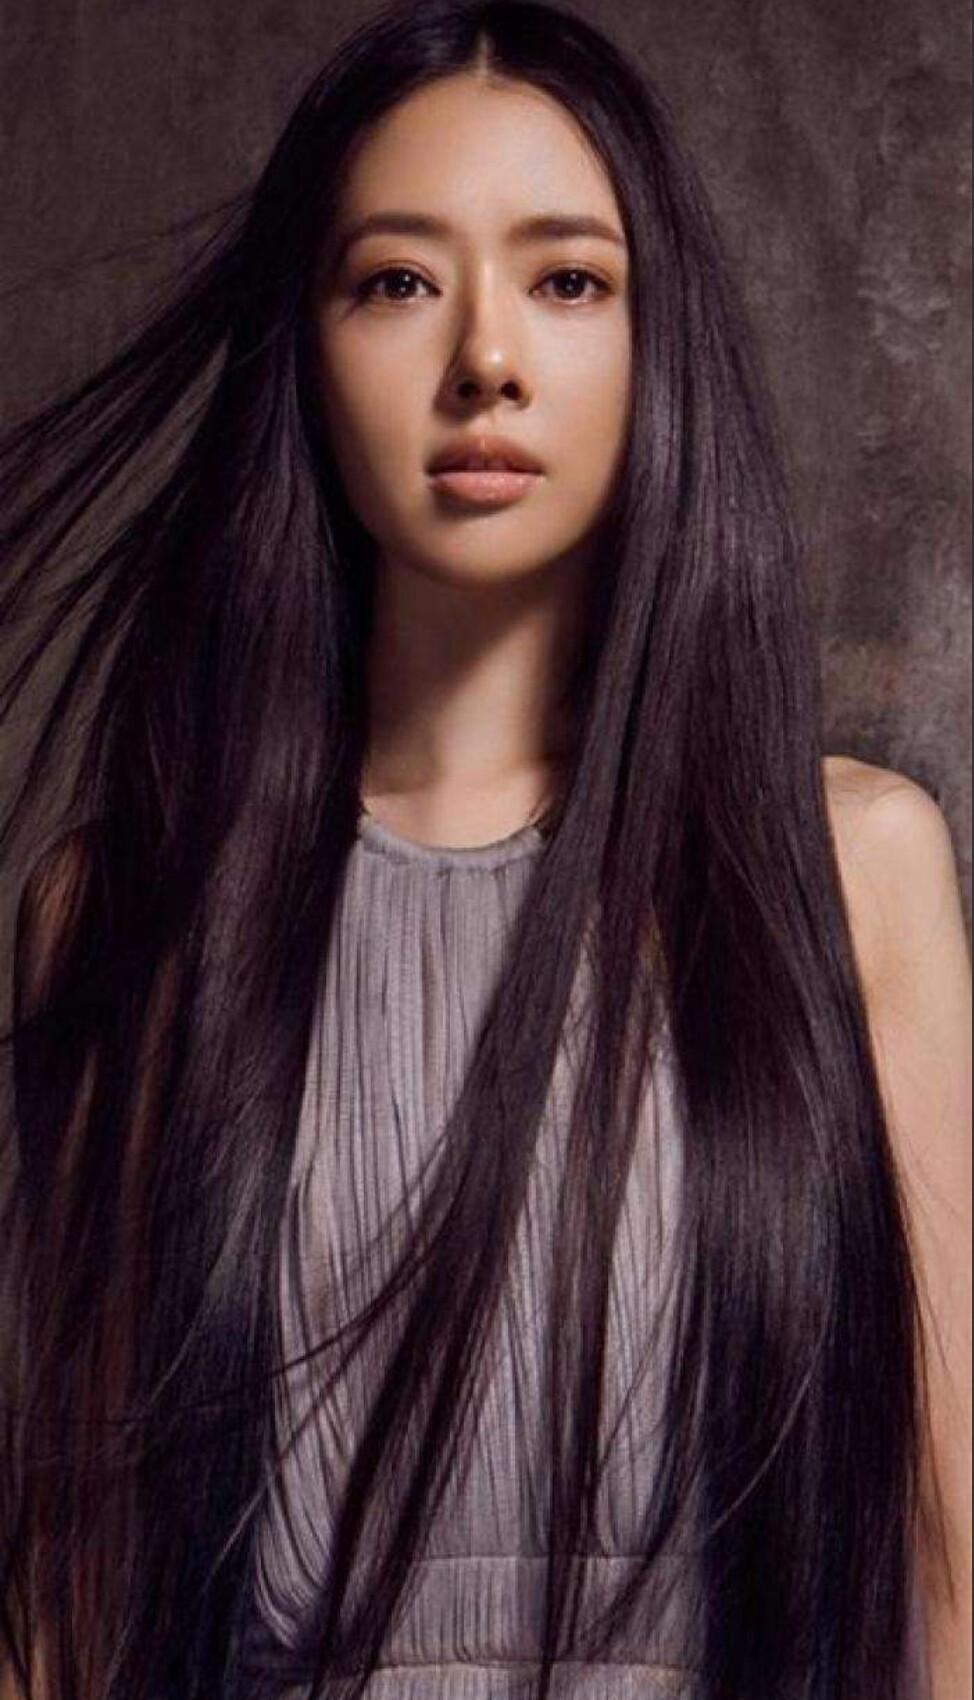 头长发比较好看,特别是又黑又长又直的头发,光是看背影就有够吸引人的图片